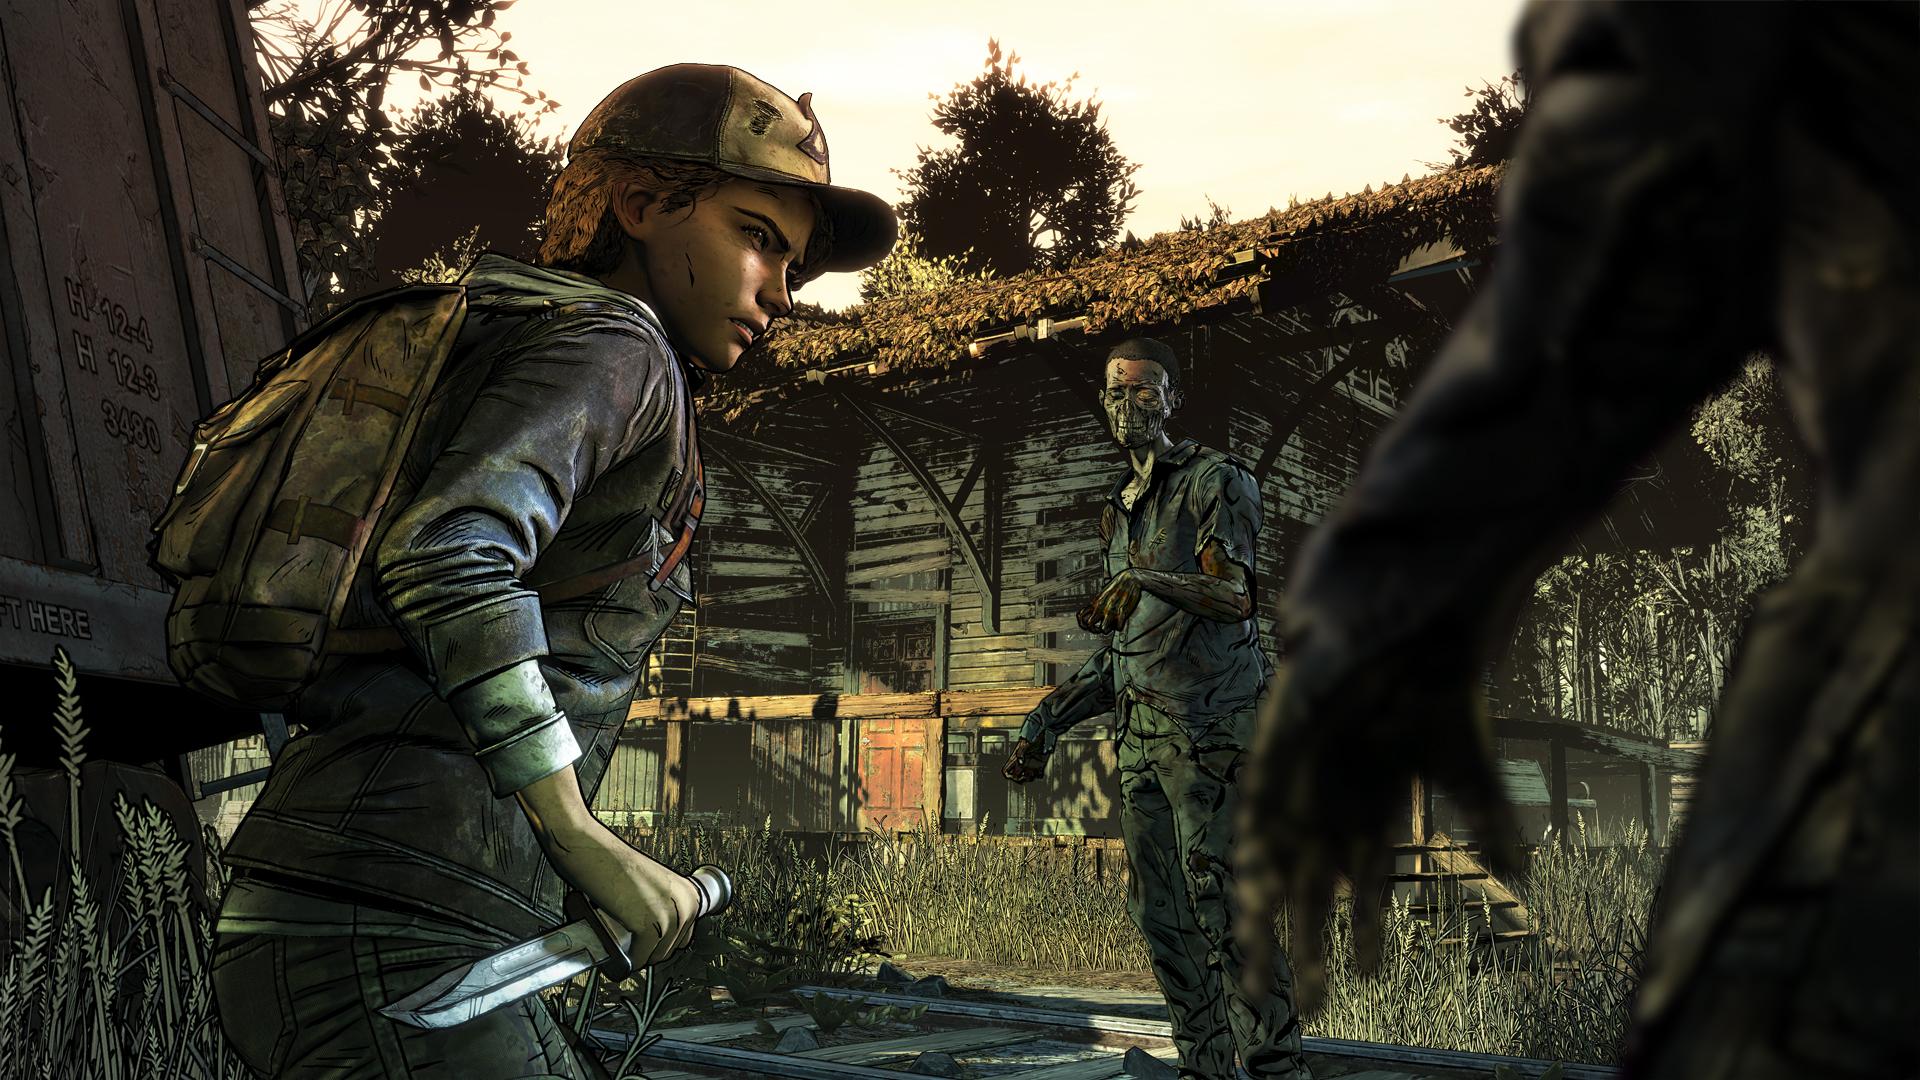 The Walking Dead: The Final Season - Clem in trouble